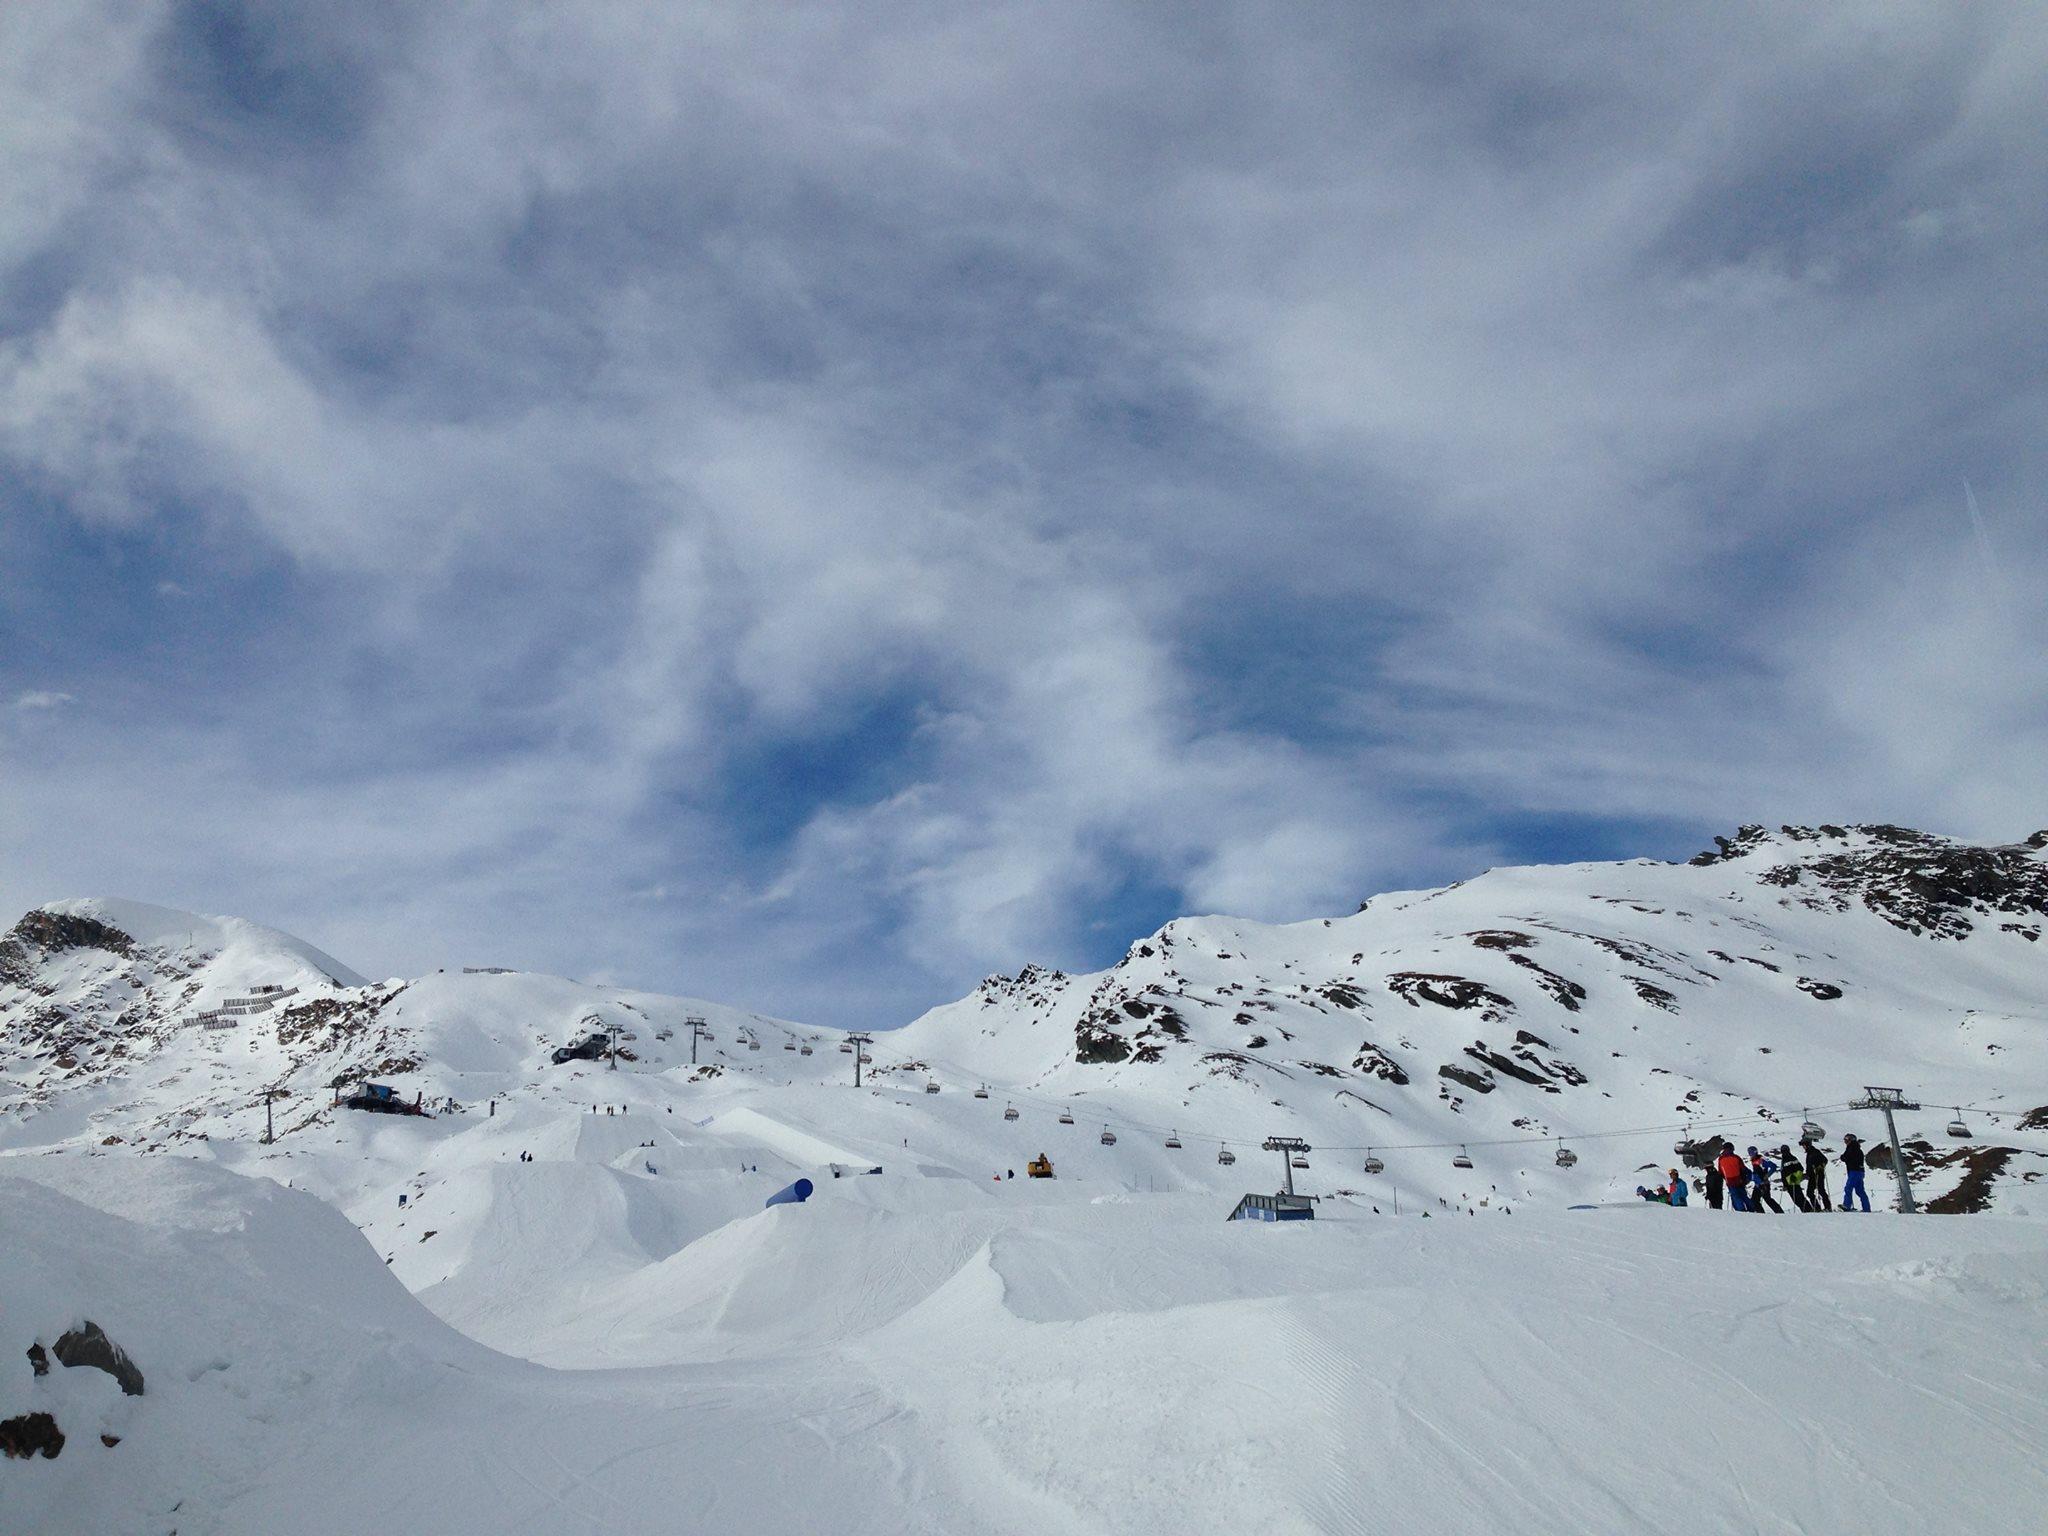 Blick nach oben im weiter unten gelegenen Easy / Medium Park am Kitzsteinhorn